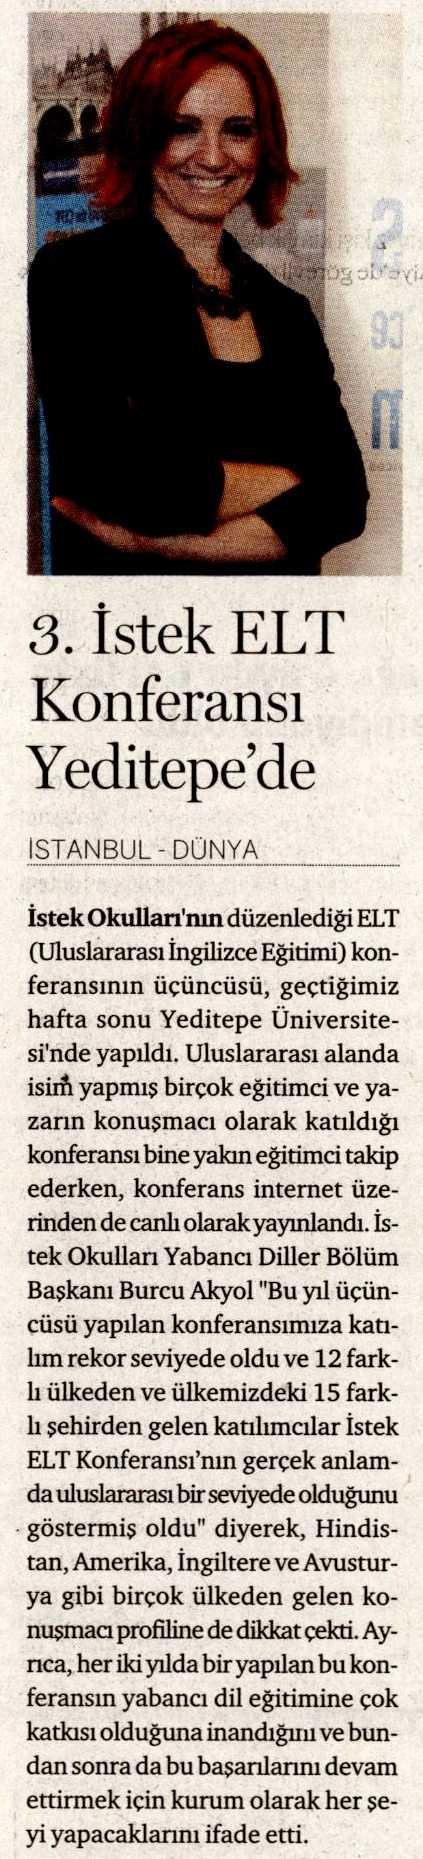 3 Mayıs 2013 / Dünya Gazetesi